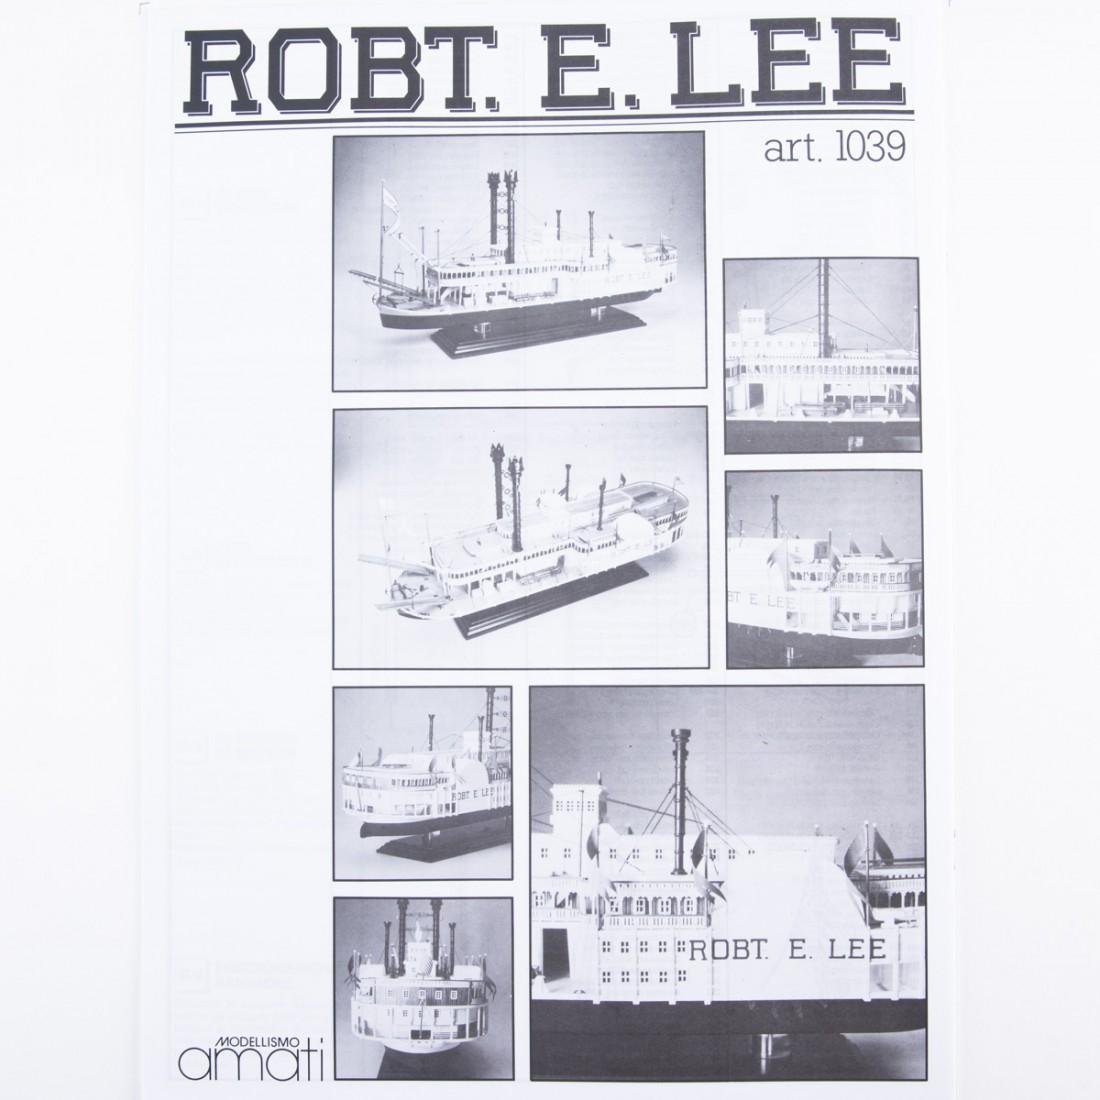 Robert E.Lee Plan